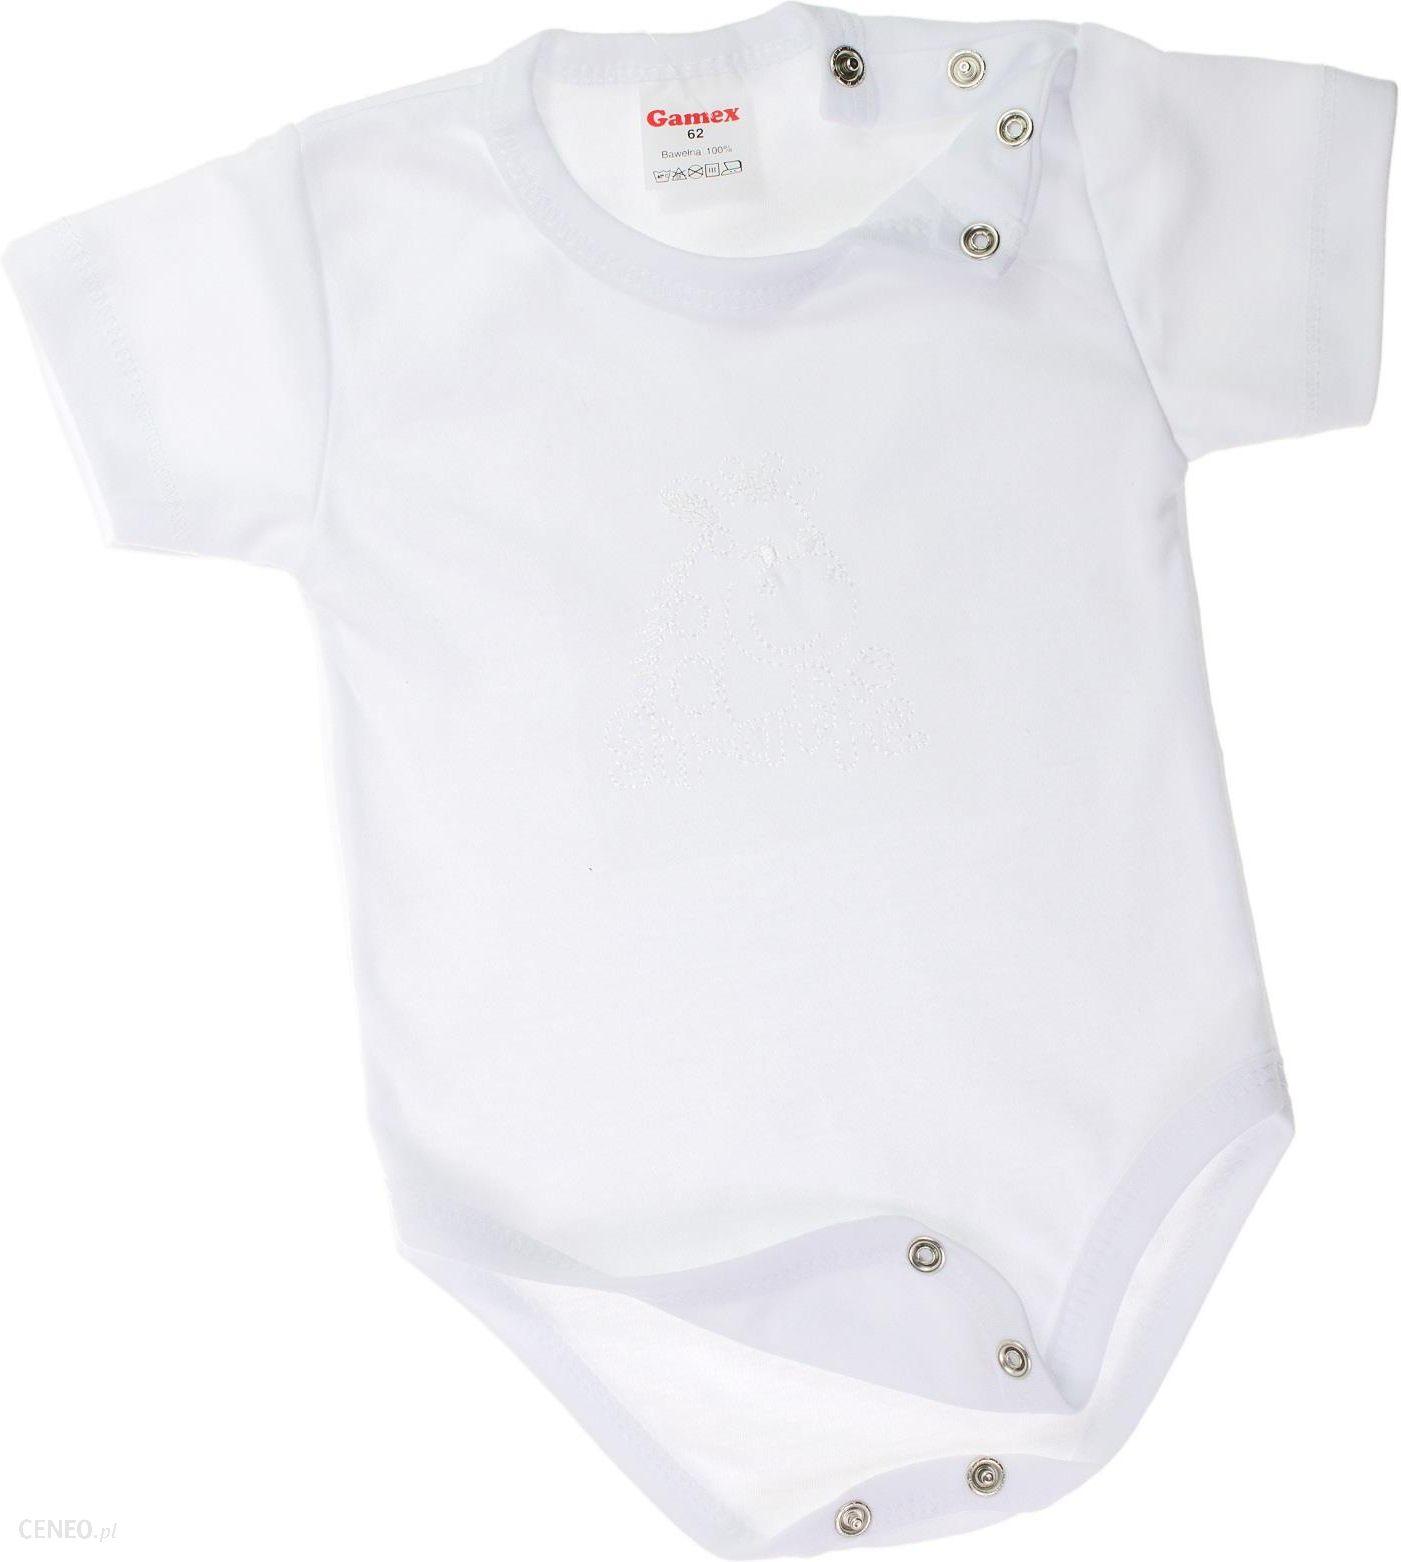 45692eda7f2e39 Body niemowlęce całe rozpinane krótki rękaw Zoo 62 - Ceny i opinie ...